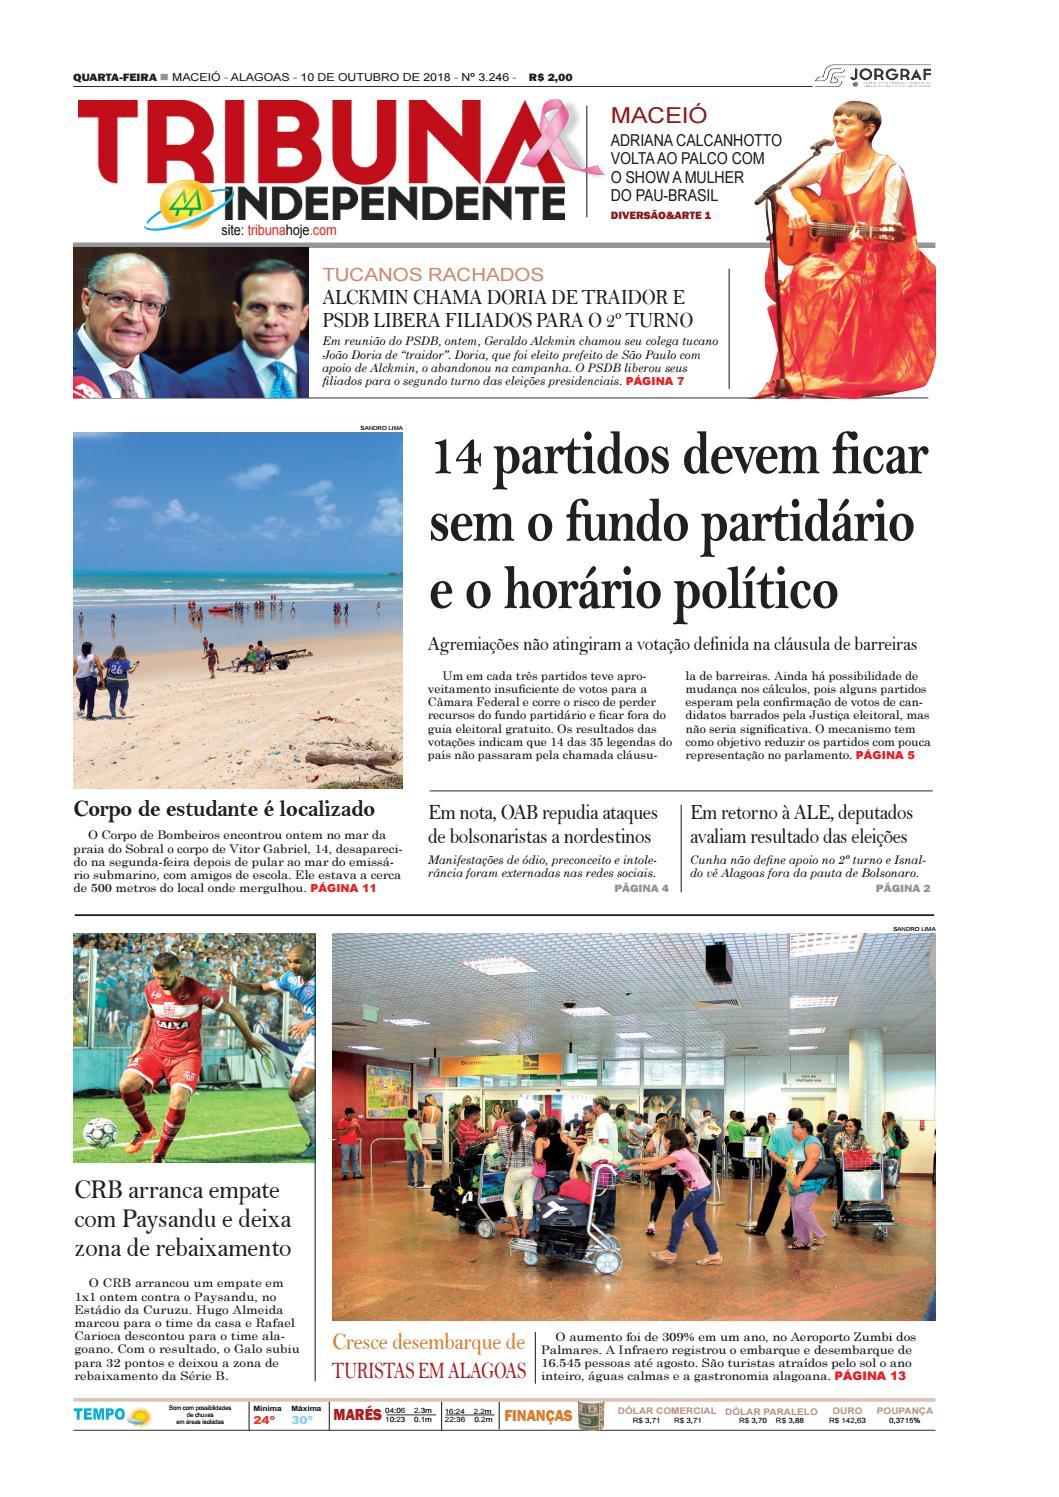 a0836ca57 Edição número 3246 - 10 de outubro de 2018 by Tribuna Hoje - issuu